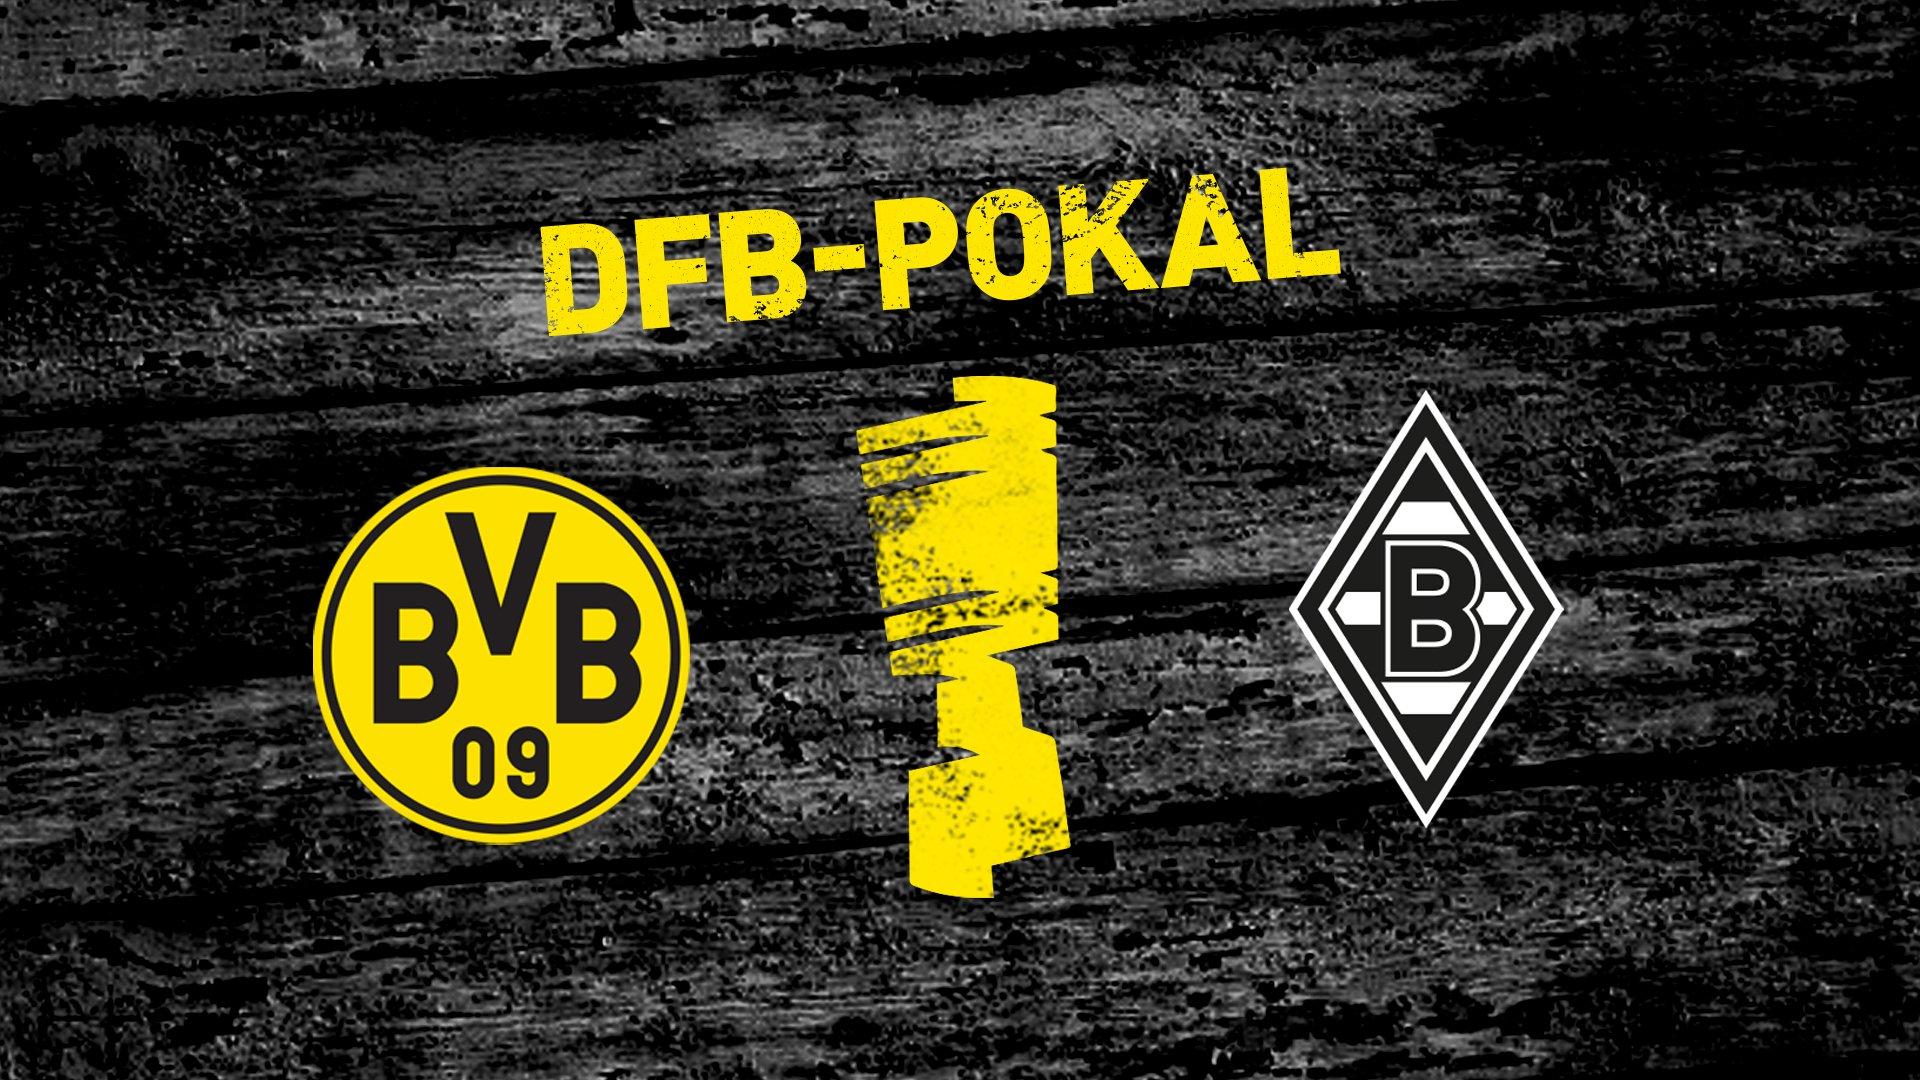 DFB-Pokal: BVB trifft im Westderby auf Borussia Mönchengladbach